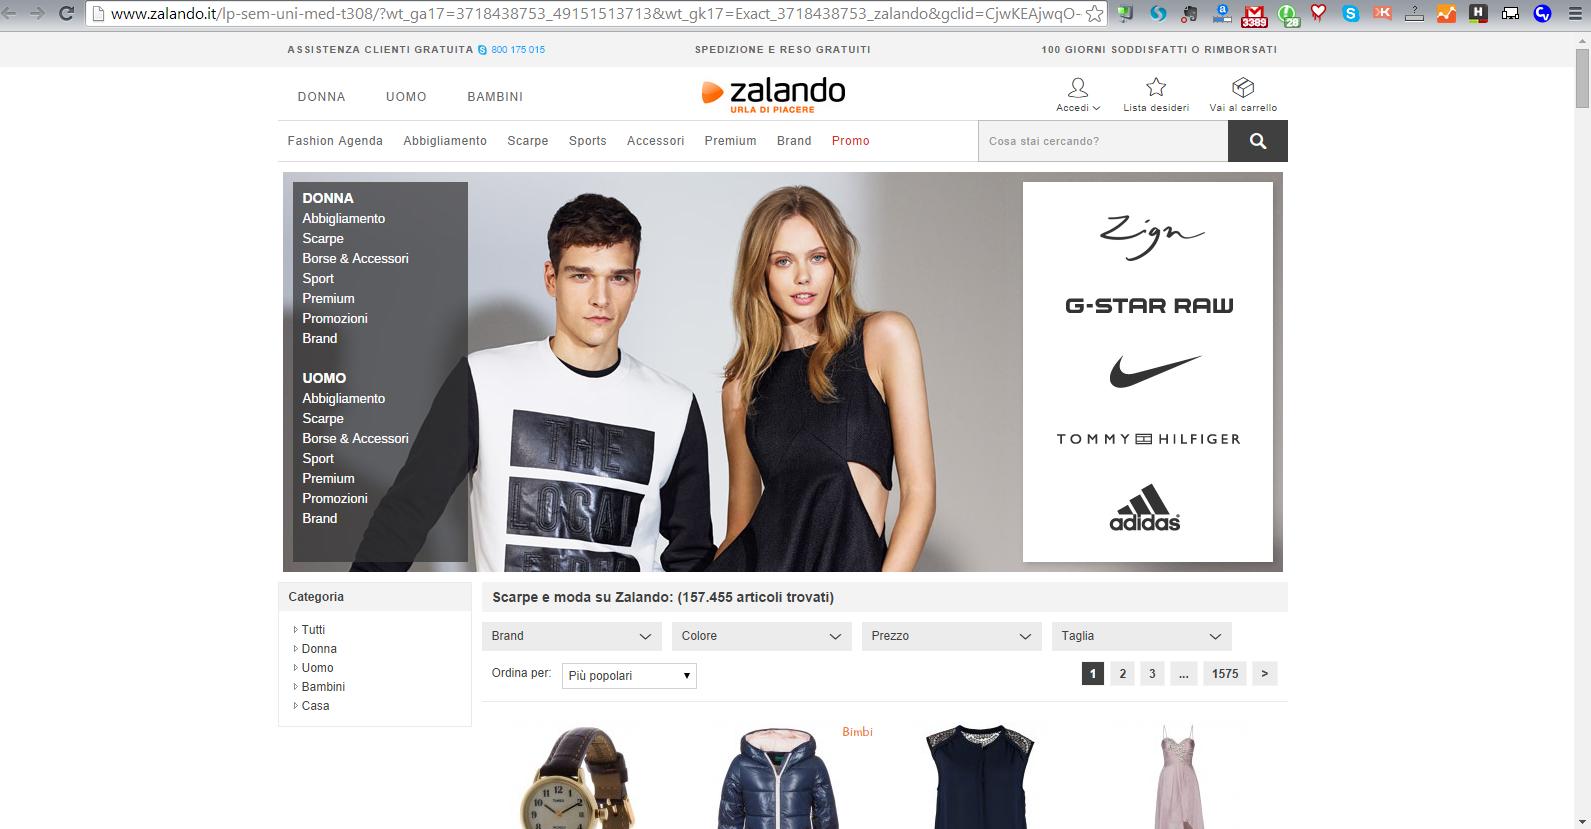 851a845cbda5 I 5 migliori siti di e-commerce di abbigliamento - TechPost.it